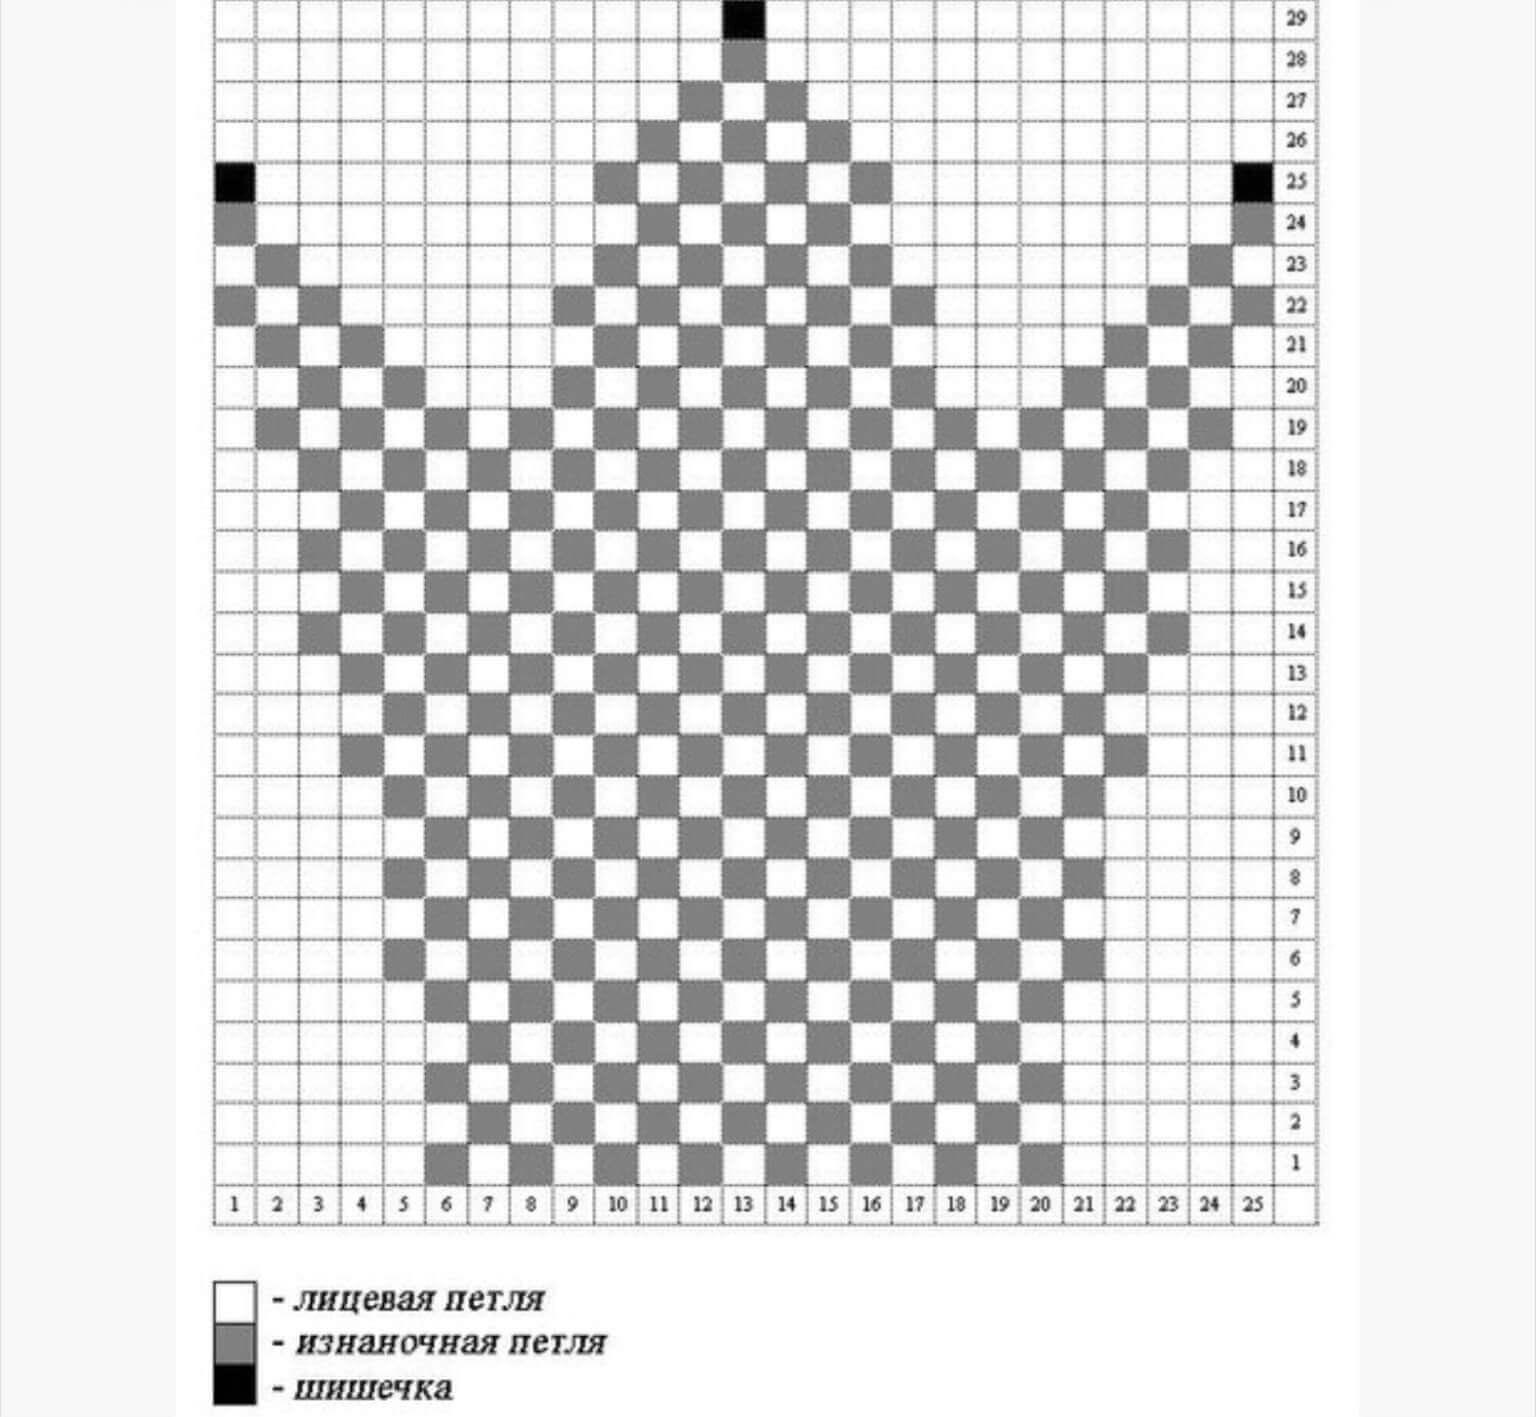 Узоры для вязания спицами » Более 750 схем с описанием 42